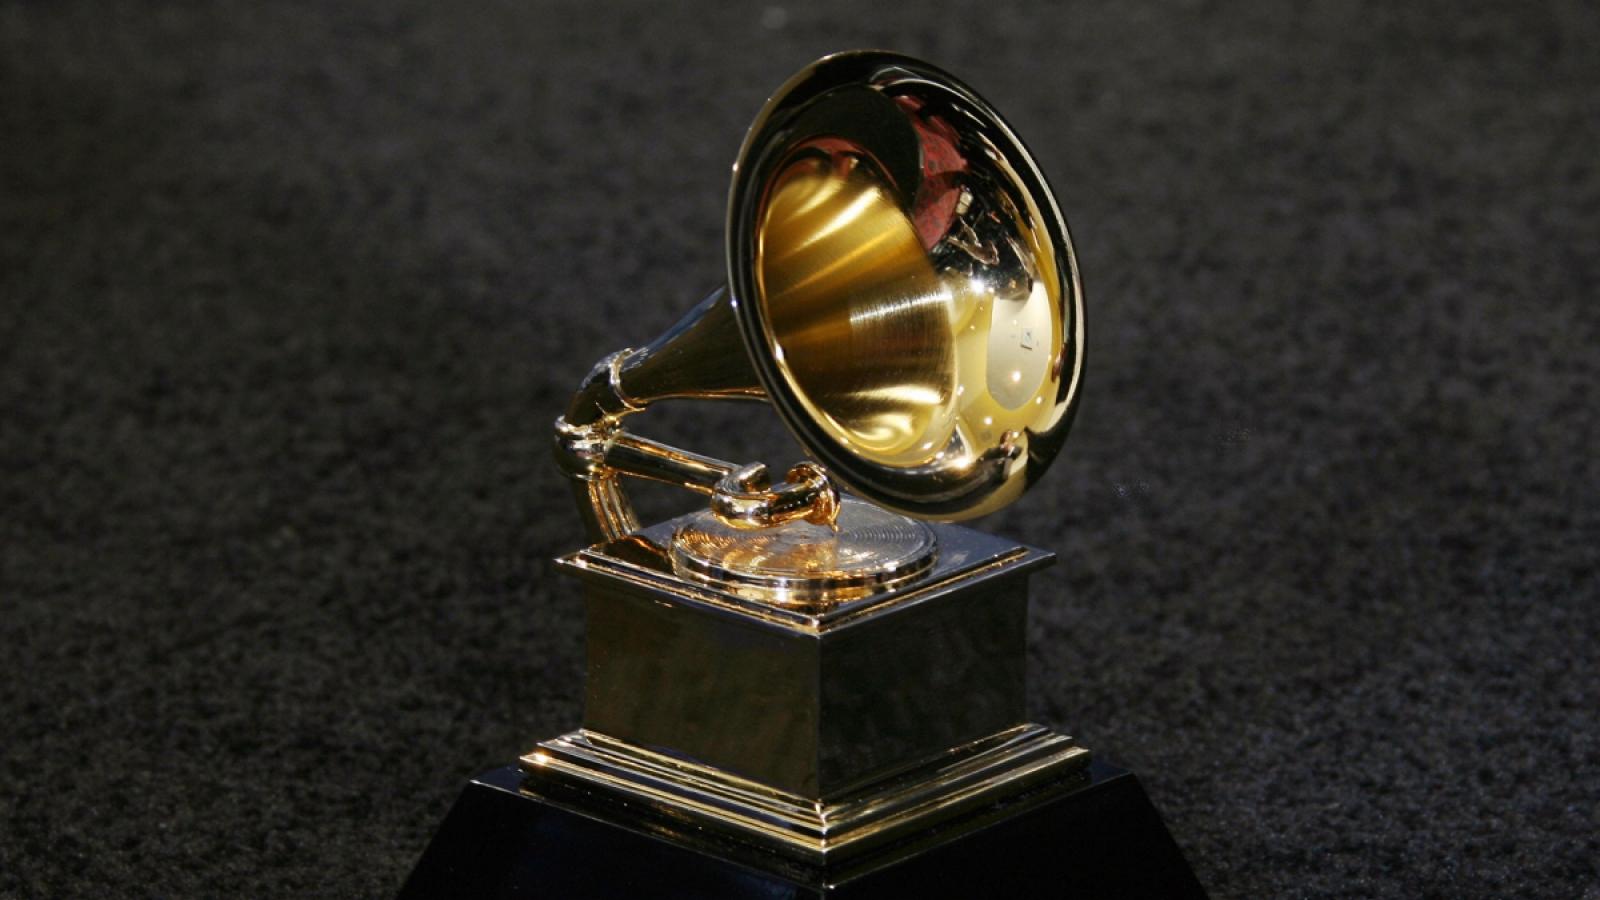 Lễ trao giải Grammy 2021 bị hoãn vì dịch Covid-19